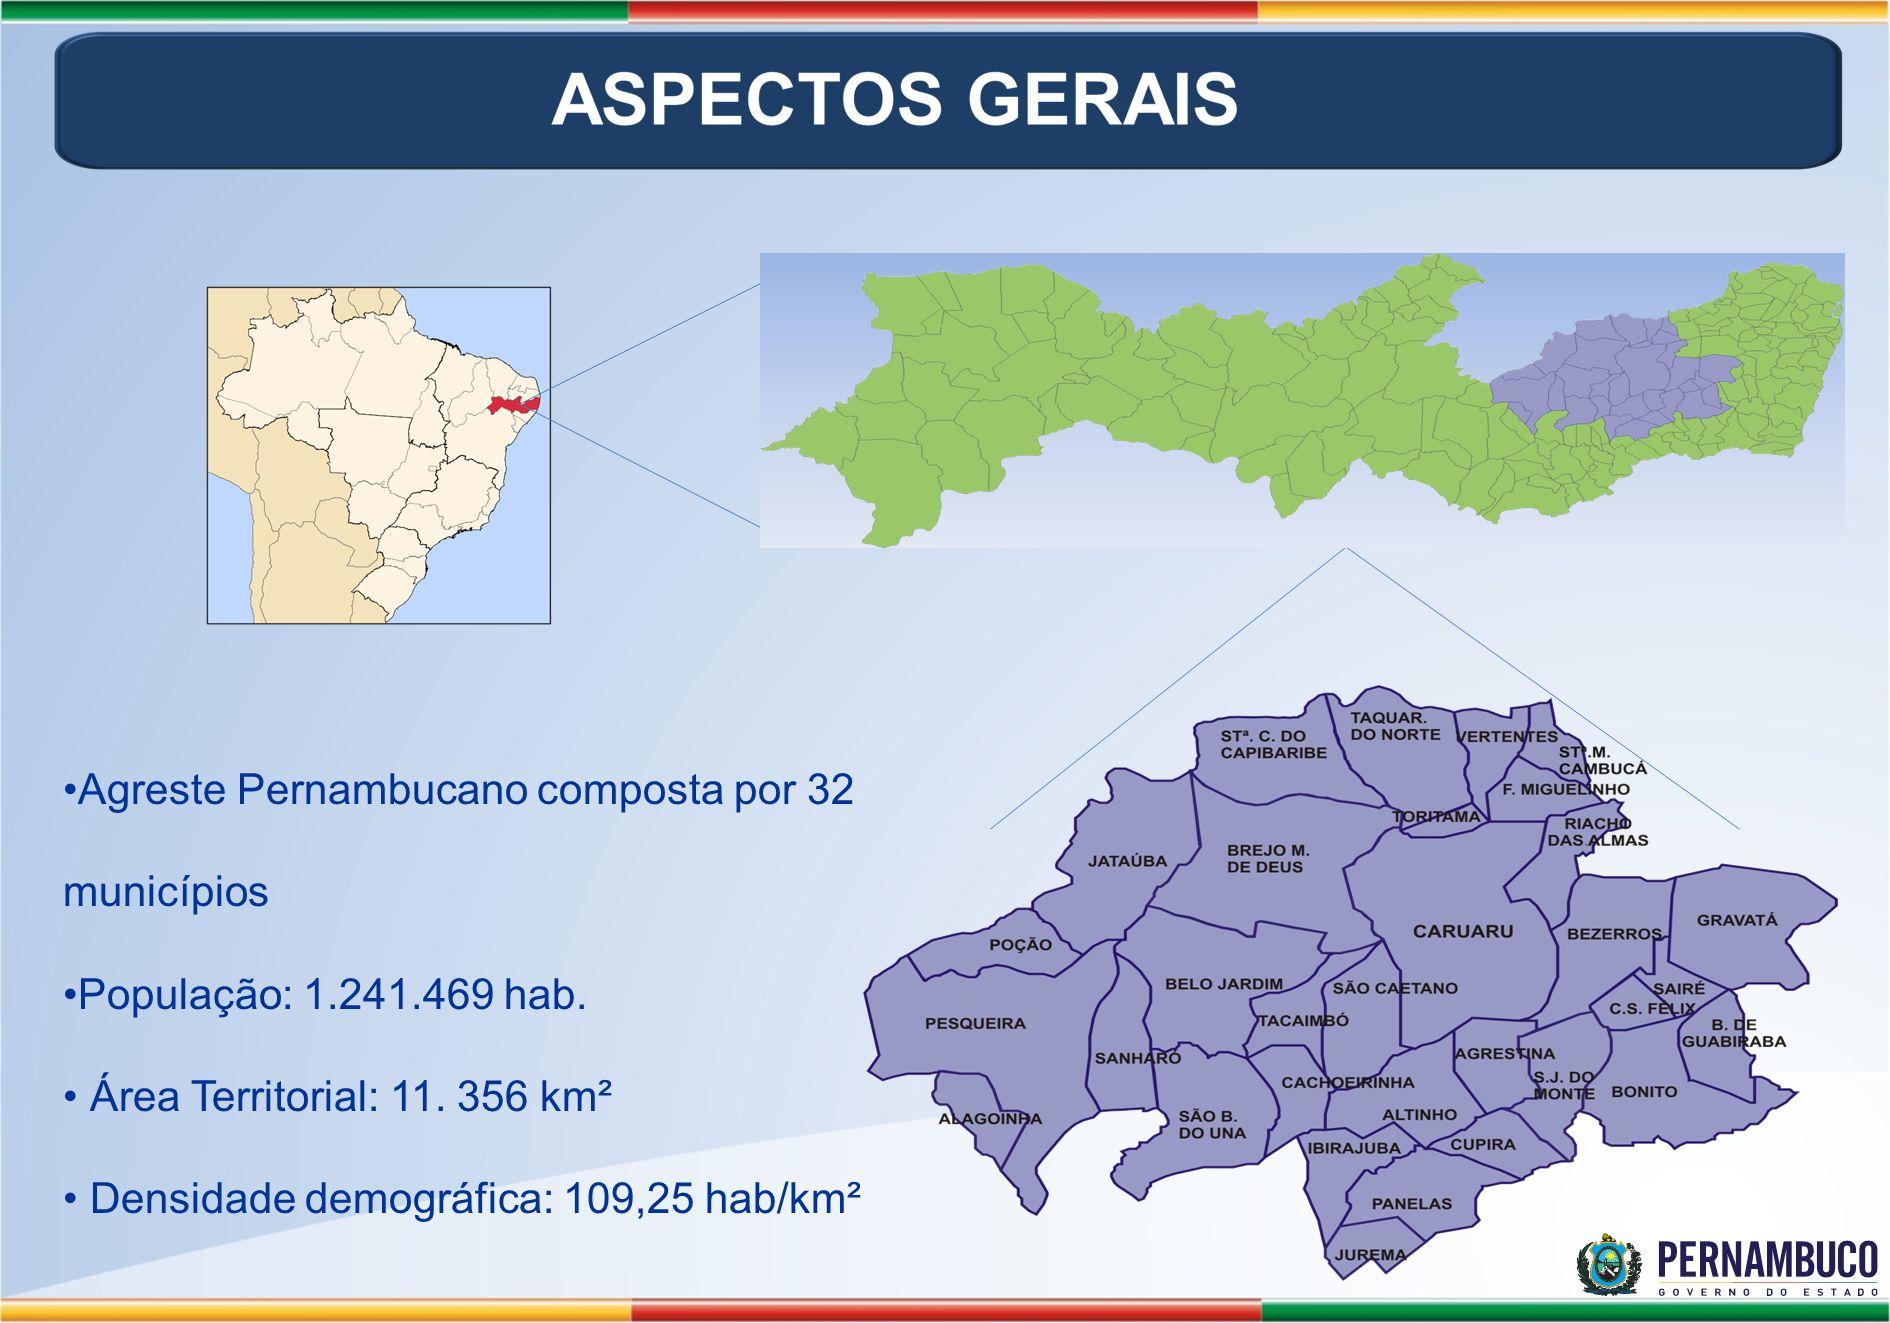 Agreste Pernambucano composta por 32 municípios